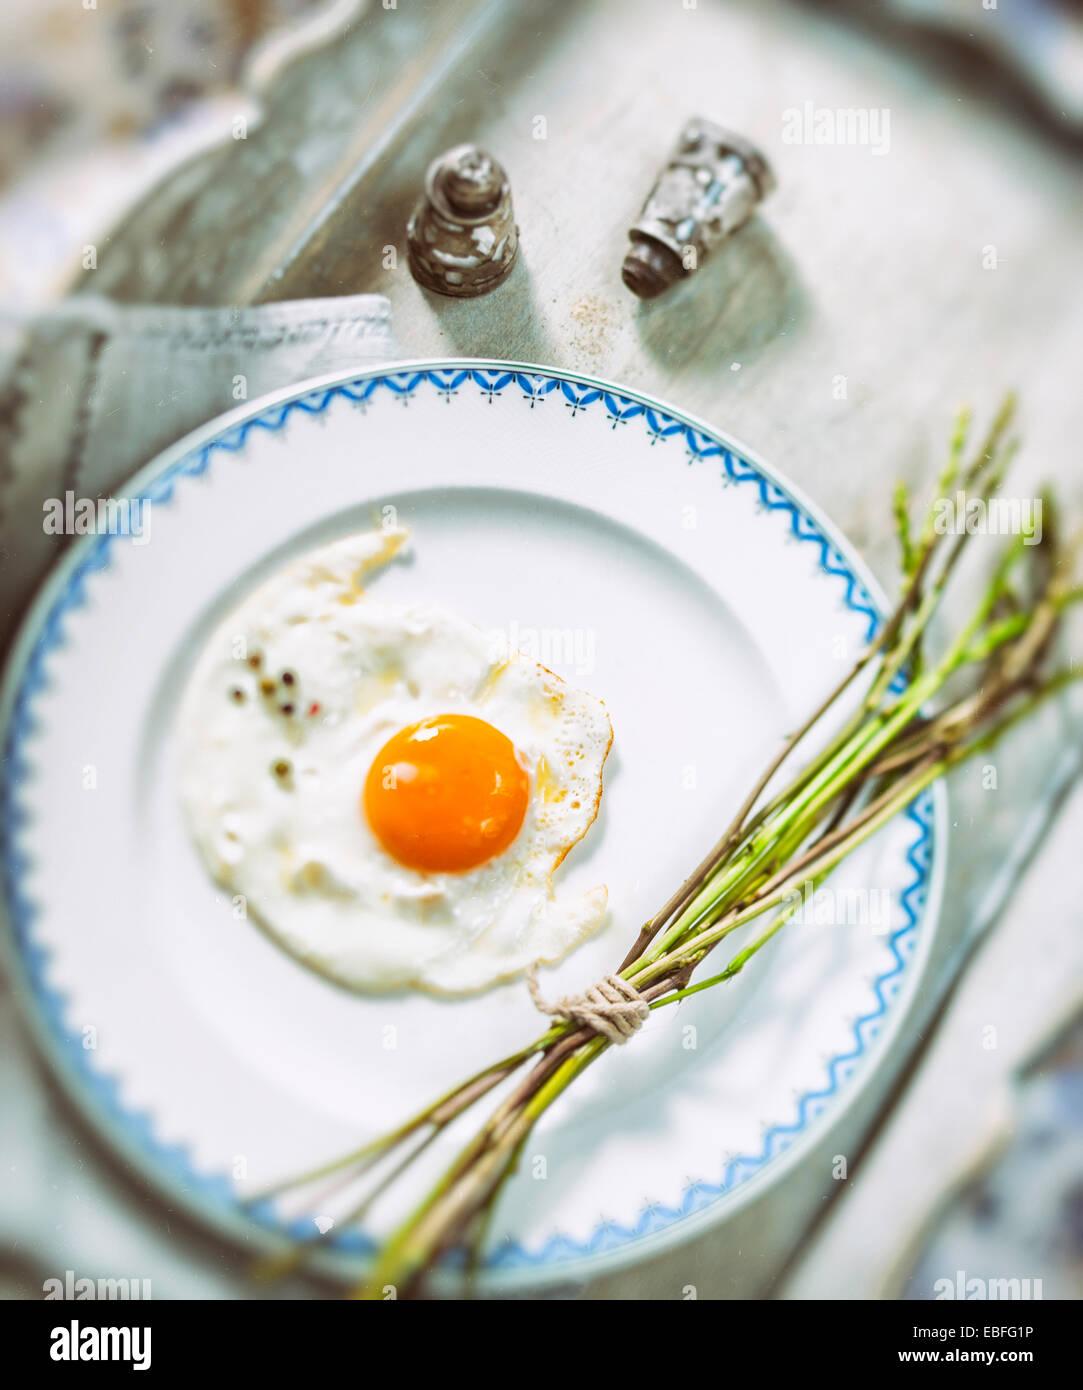 Uovo fritto e freschi asparagi selvatici su una piastra bianca Immagini Stock